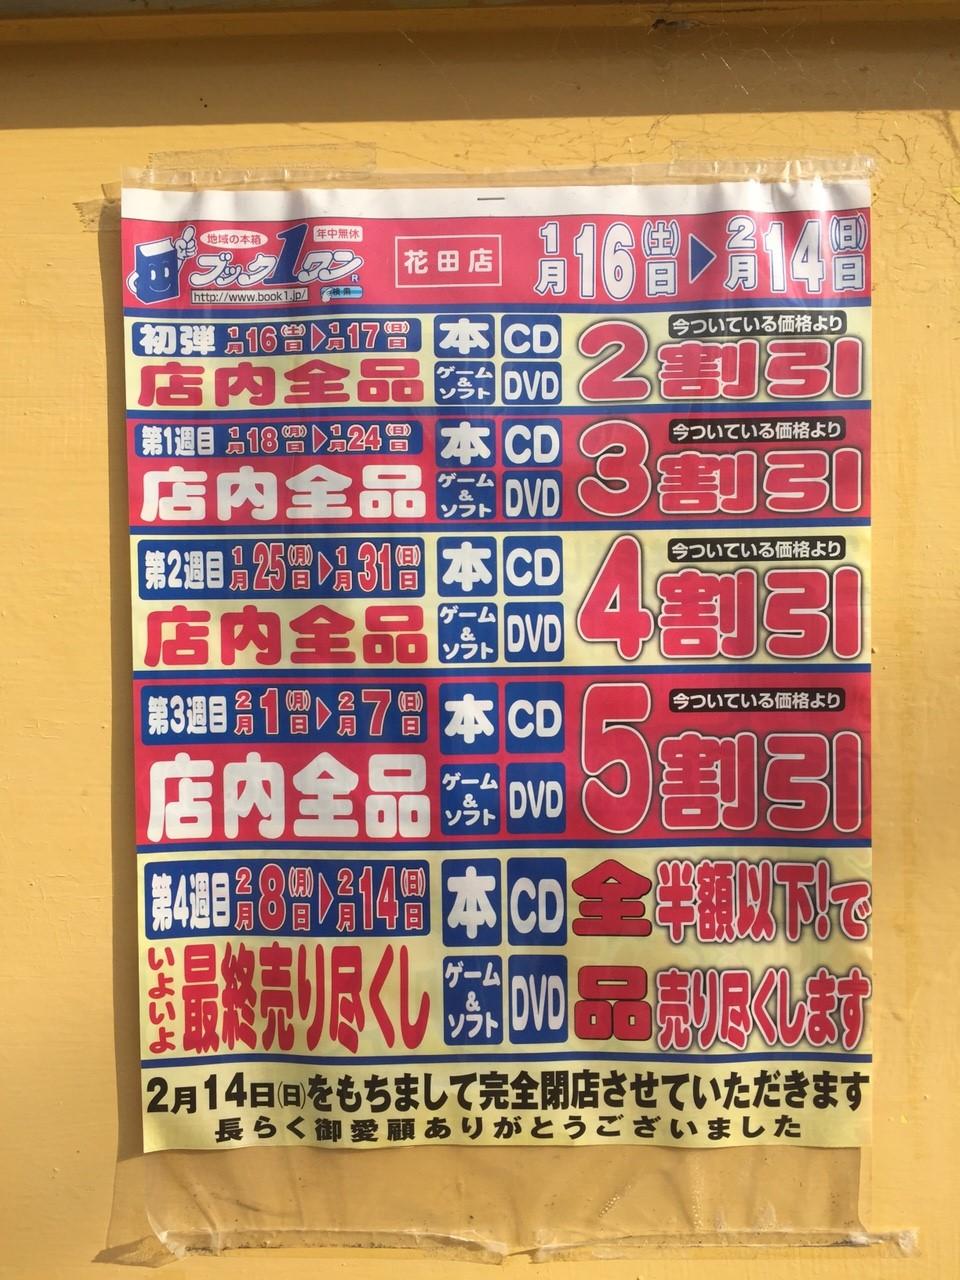 花田のブックワンが閉店している_1375